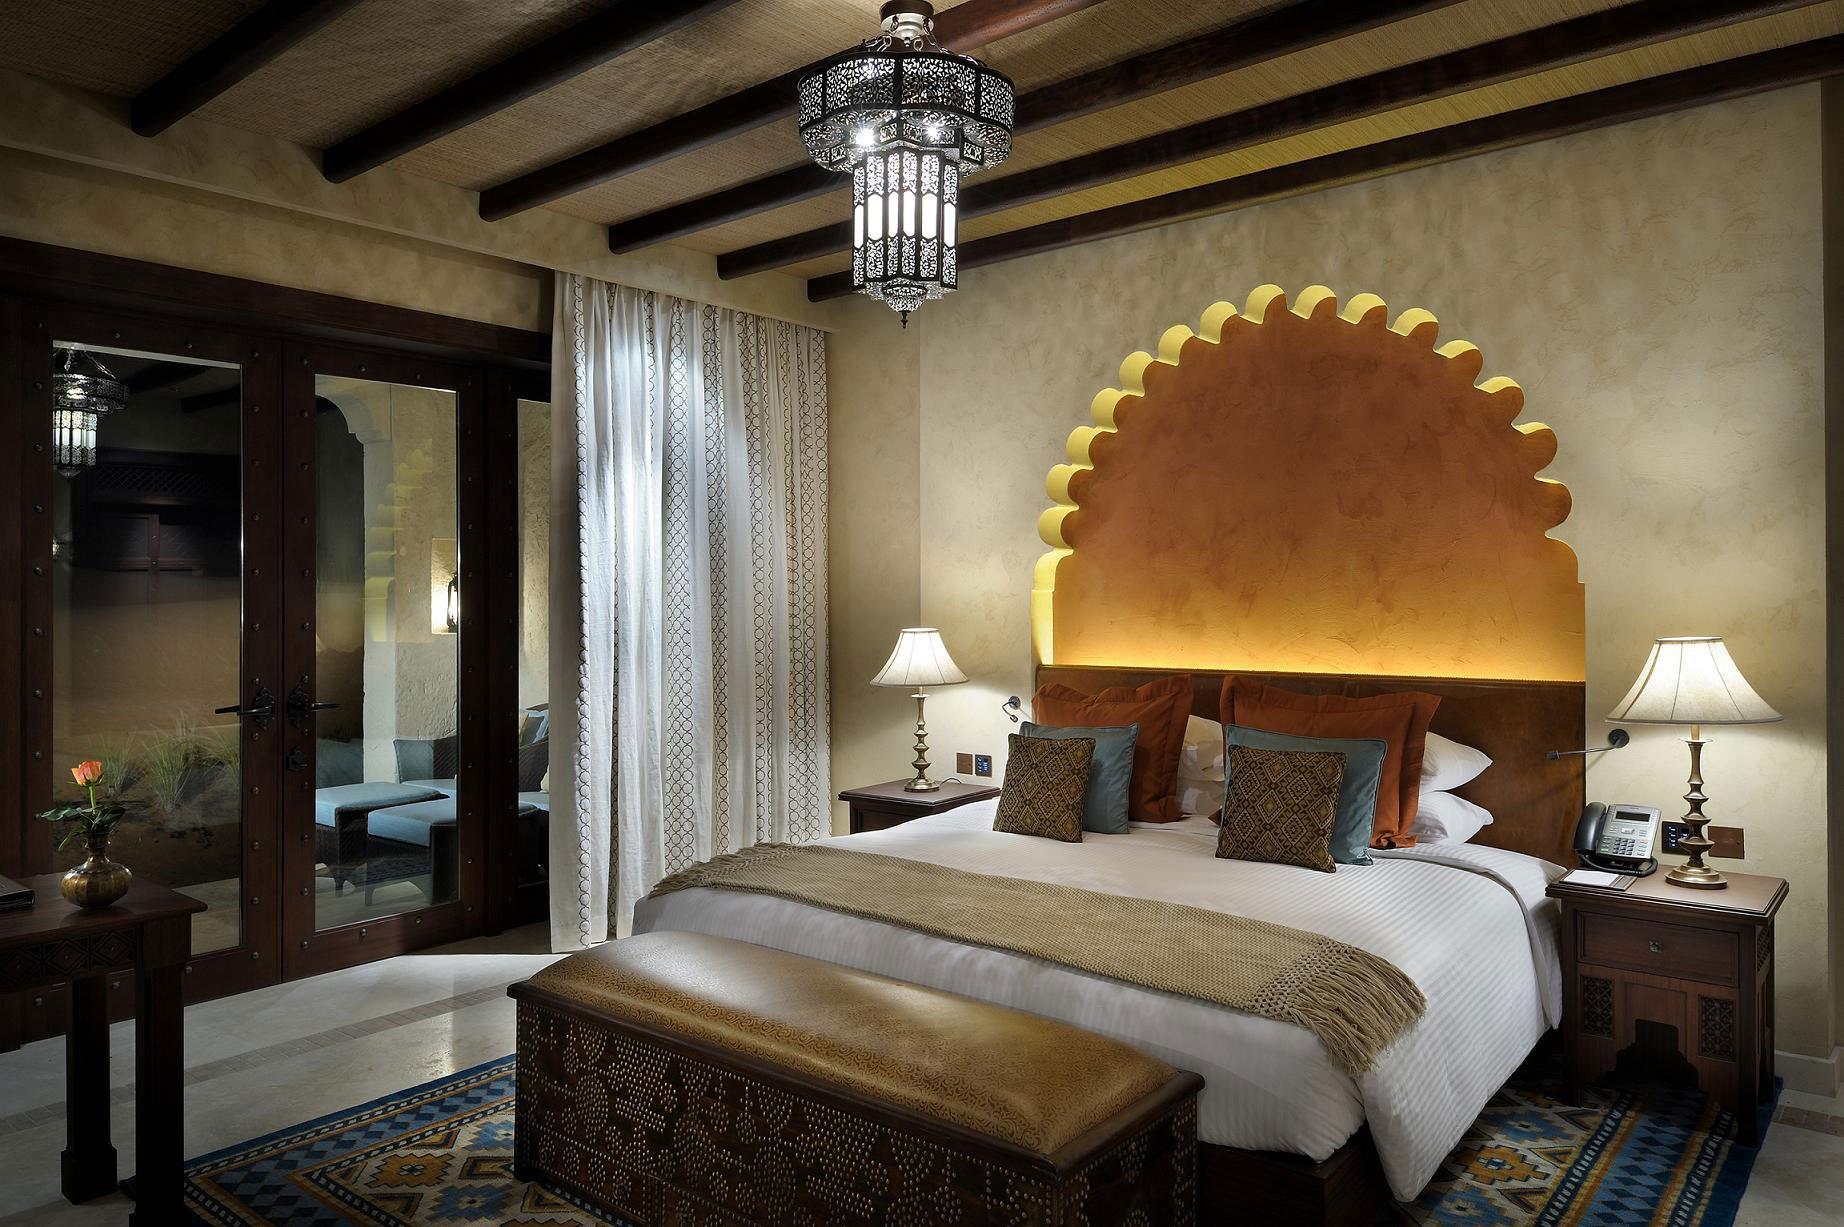 Спальня с подсветкой в восточном стиле